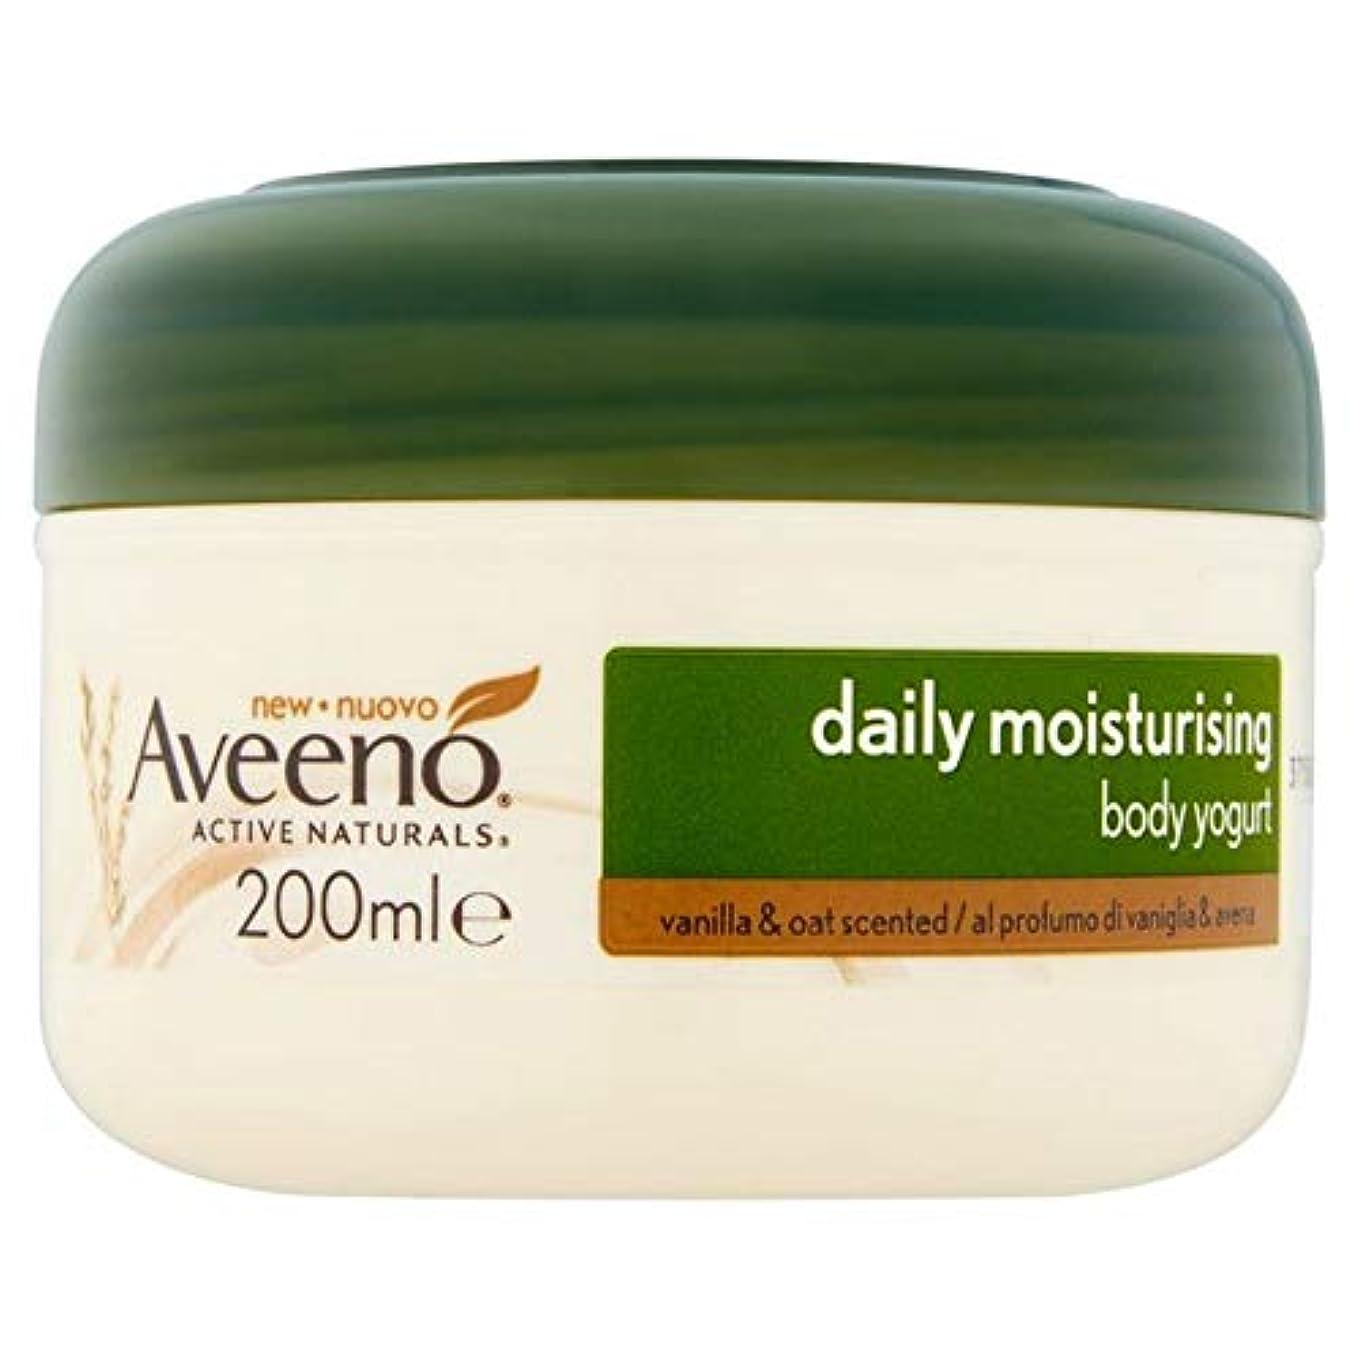 クリークエンゲージメントマット[Aveeno] Aveeno毎日保湿ボディヨーグルトバニラ&オーツの200ミリリットル - Aveeno Daily Moisturising Body Yogurts Vanilla & Oats 200ml [並行輸入品]